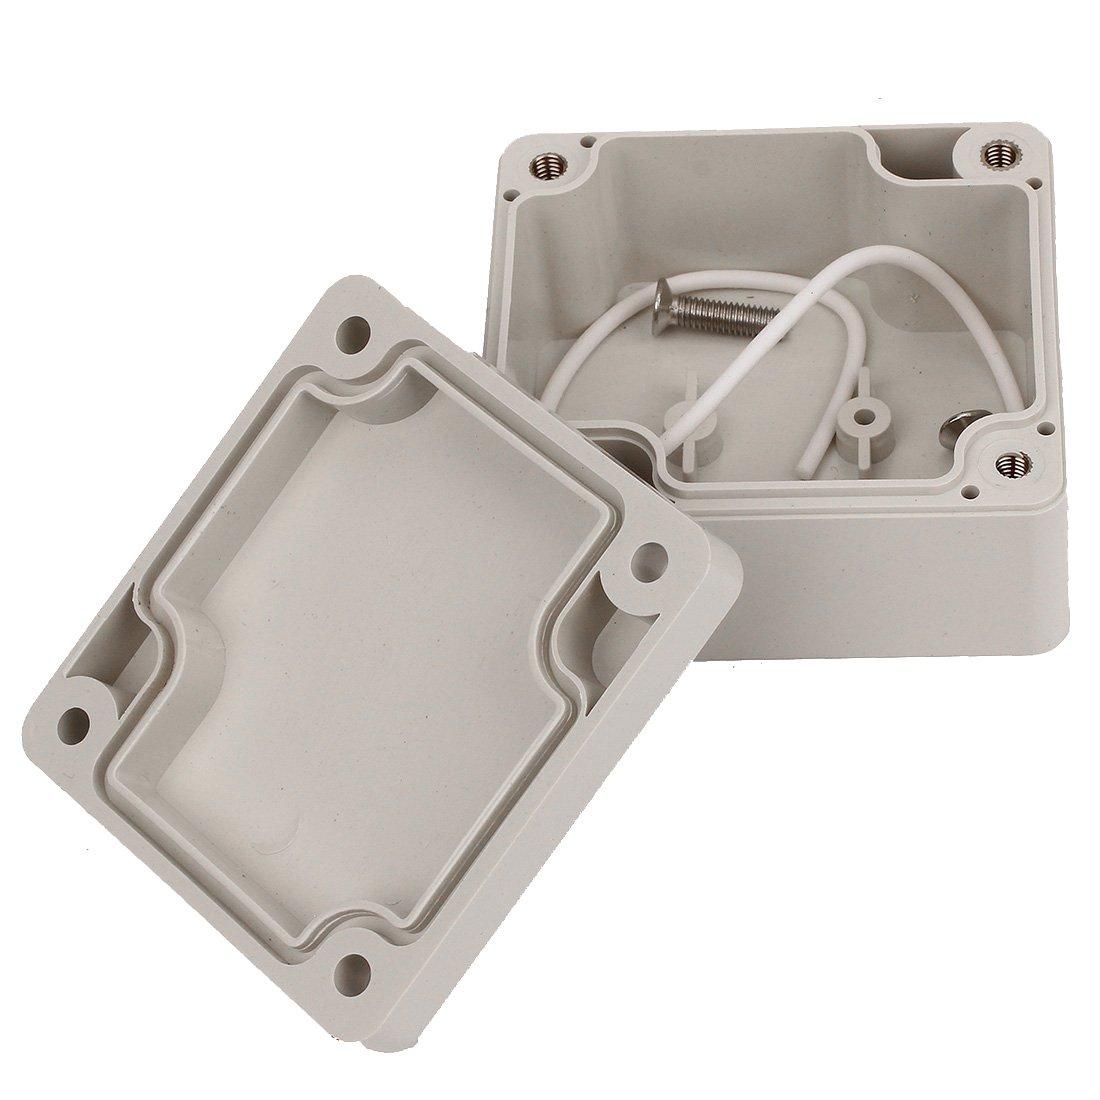 EPNT Bo/îte de d/érivation /électrique /étanche en plastique 65 x 58 x 35 mm